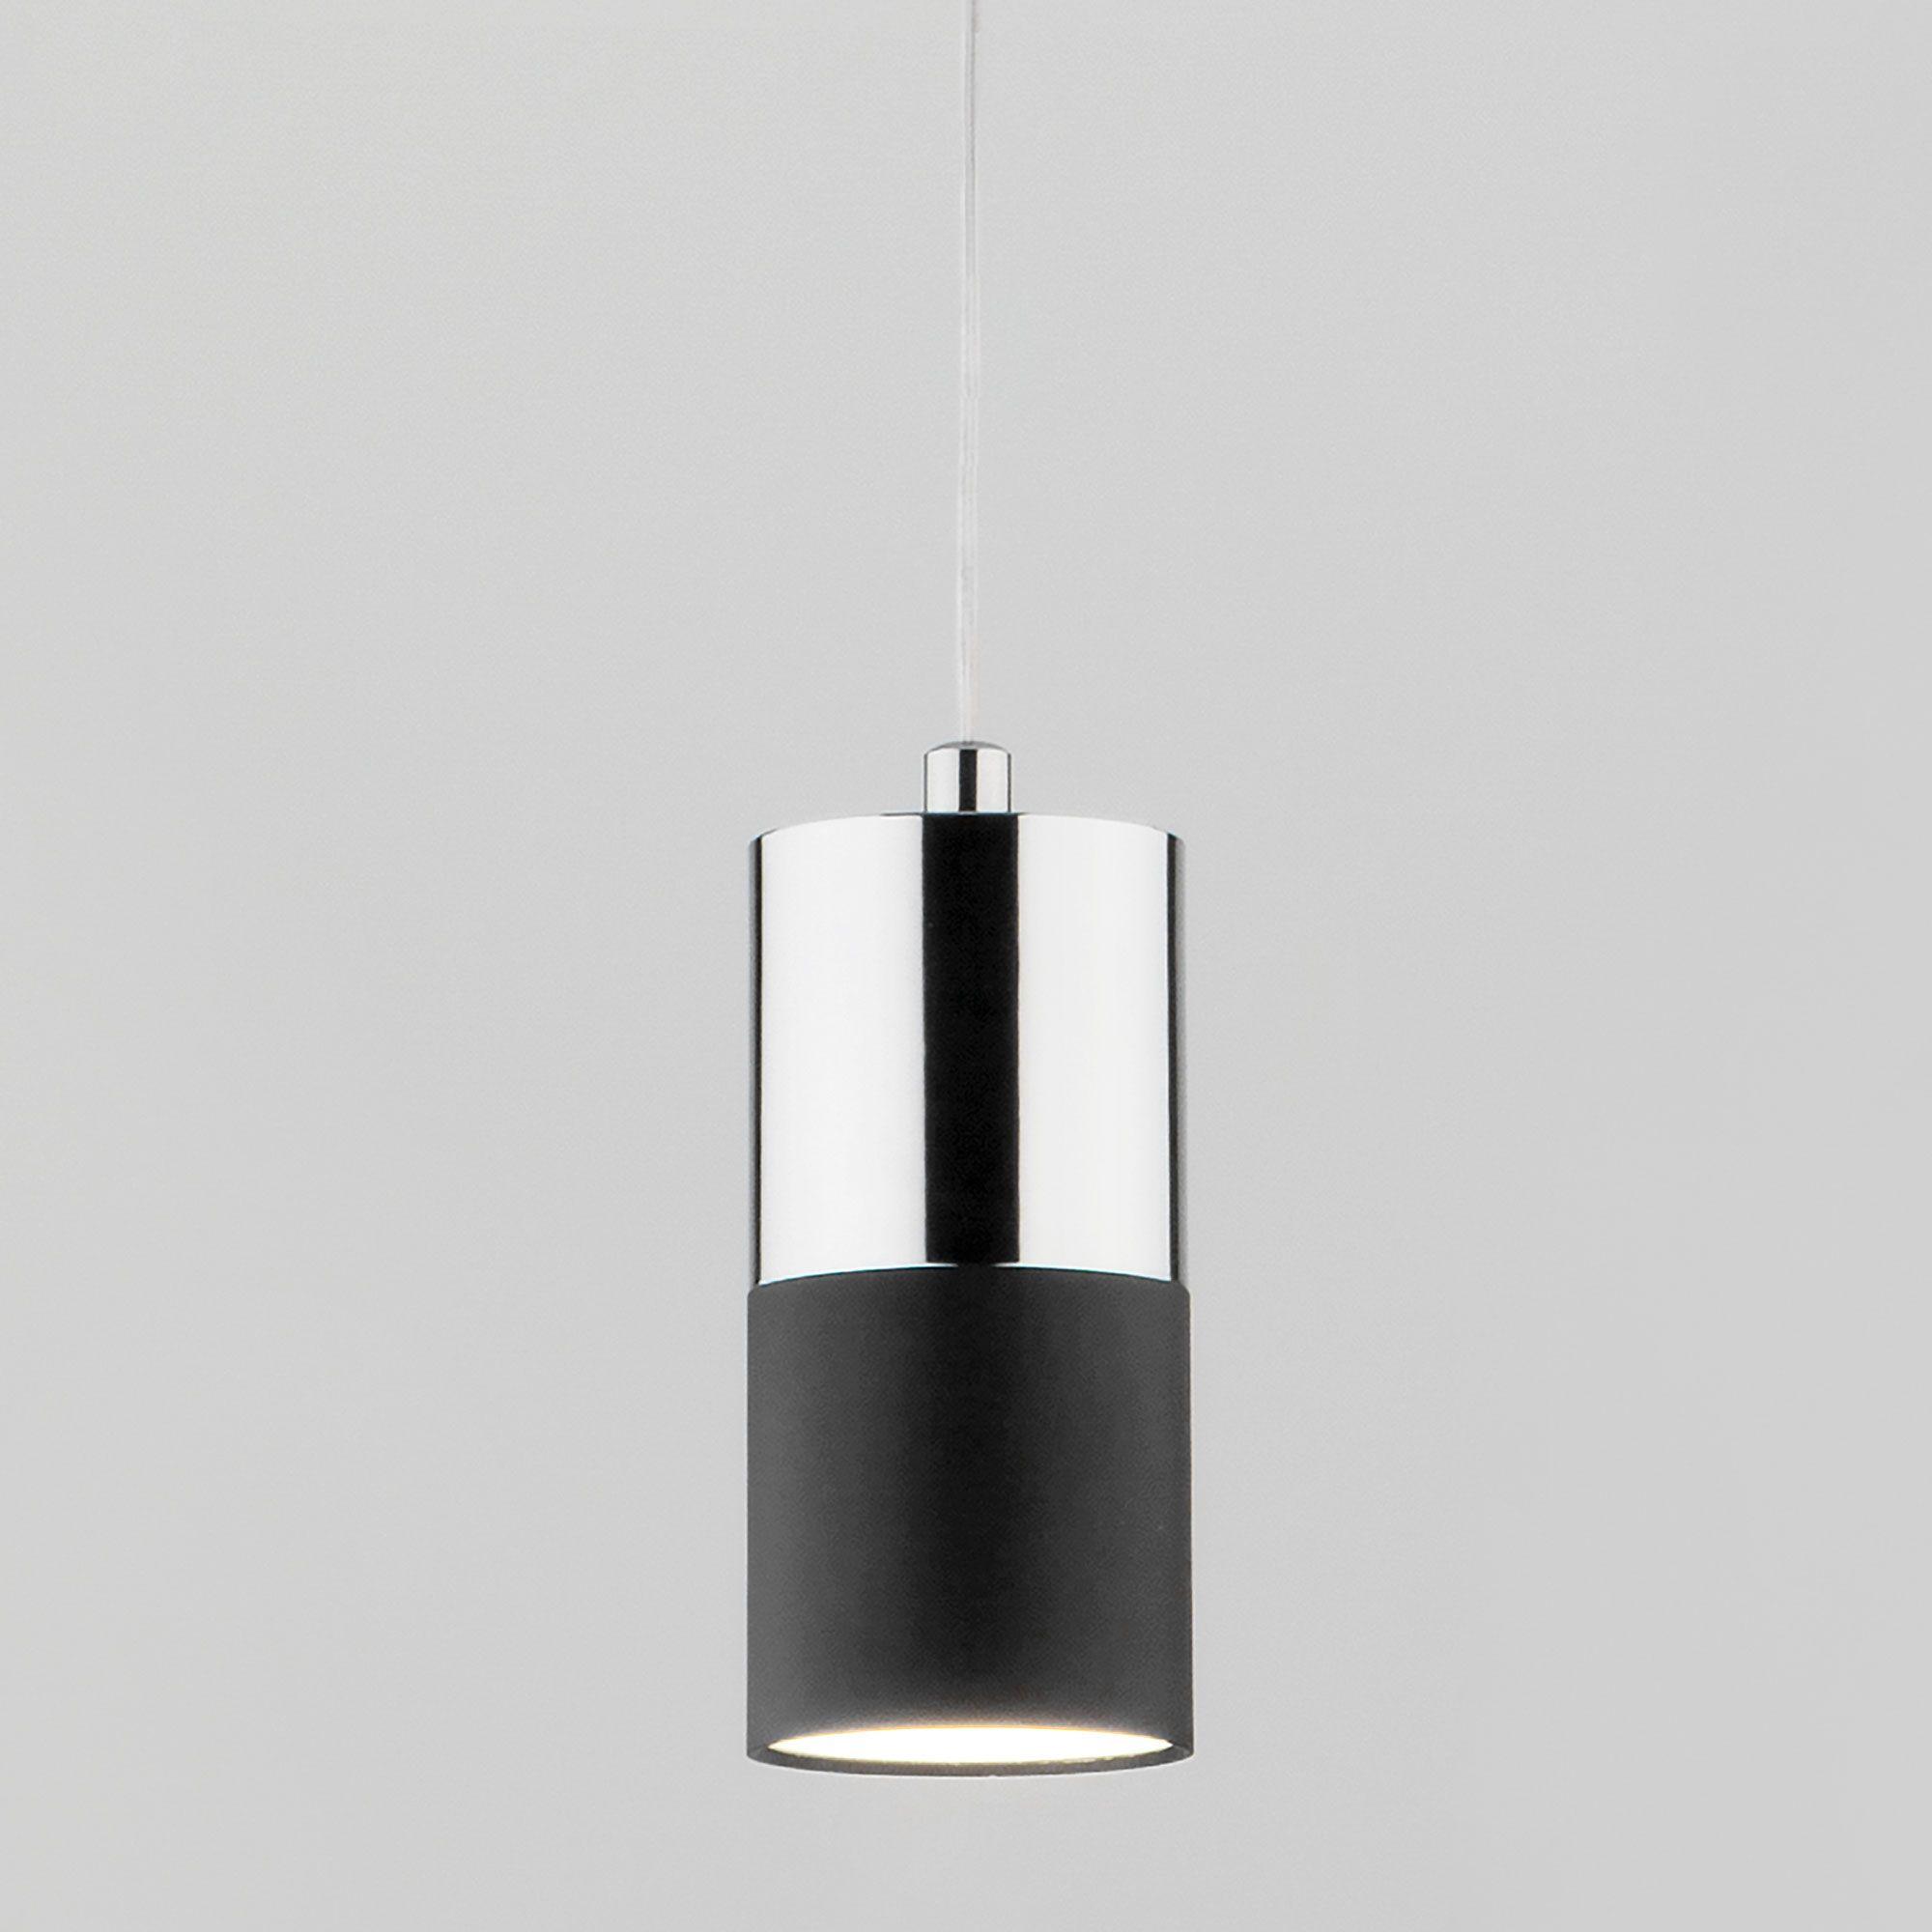 Подвесной светильник лофт 50146/1 хром/черный